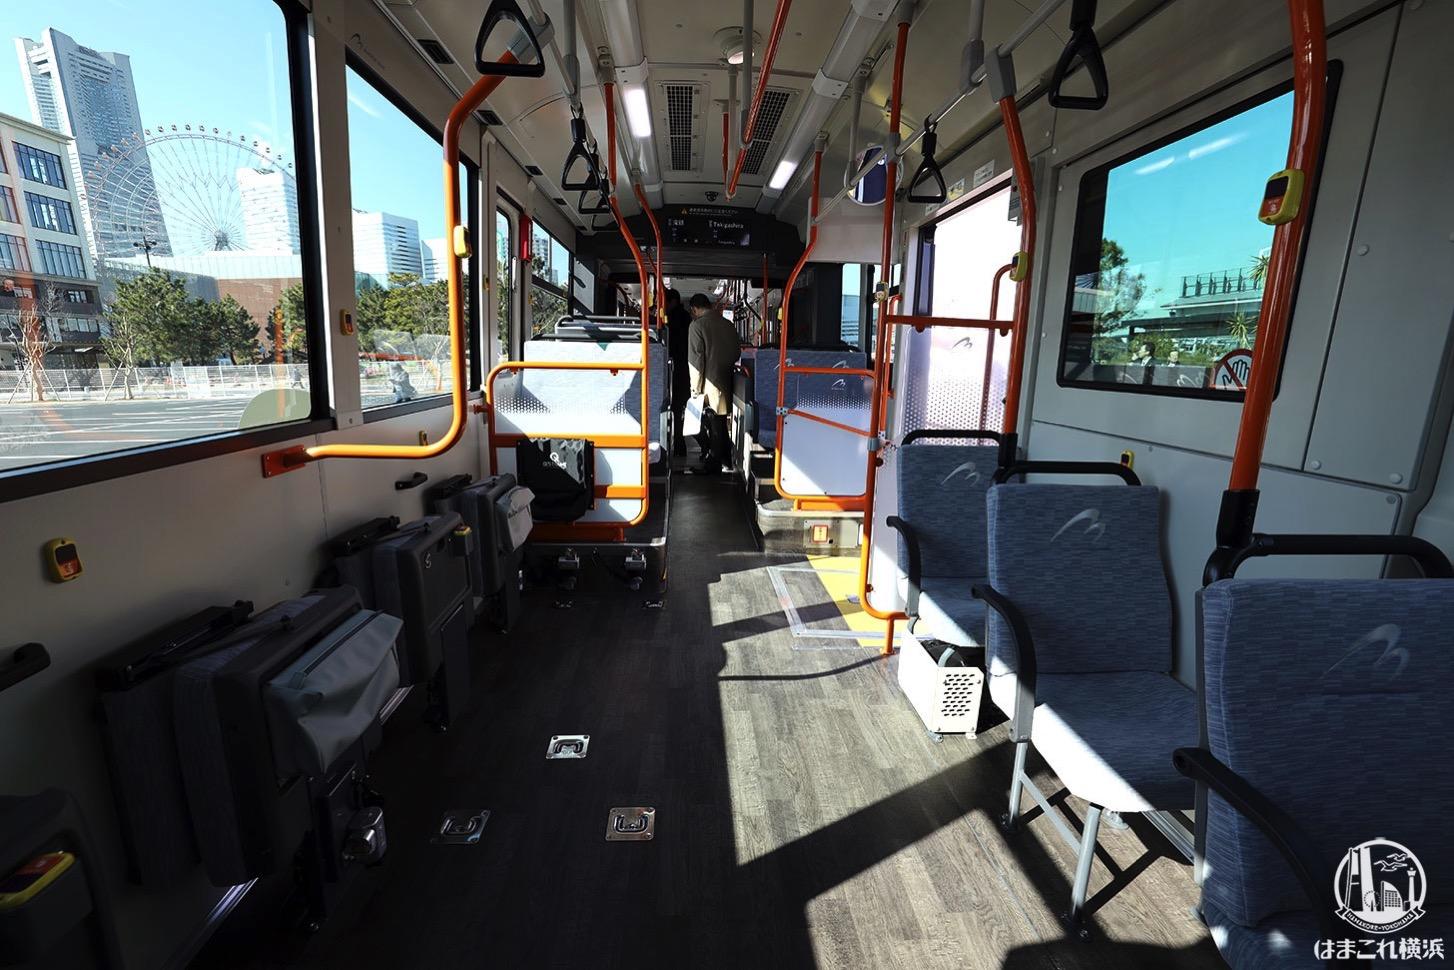 連節バス「ベイサイドブルー」車内 ノンステップエリア